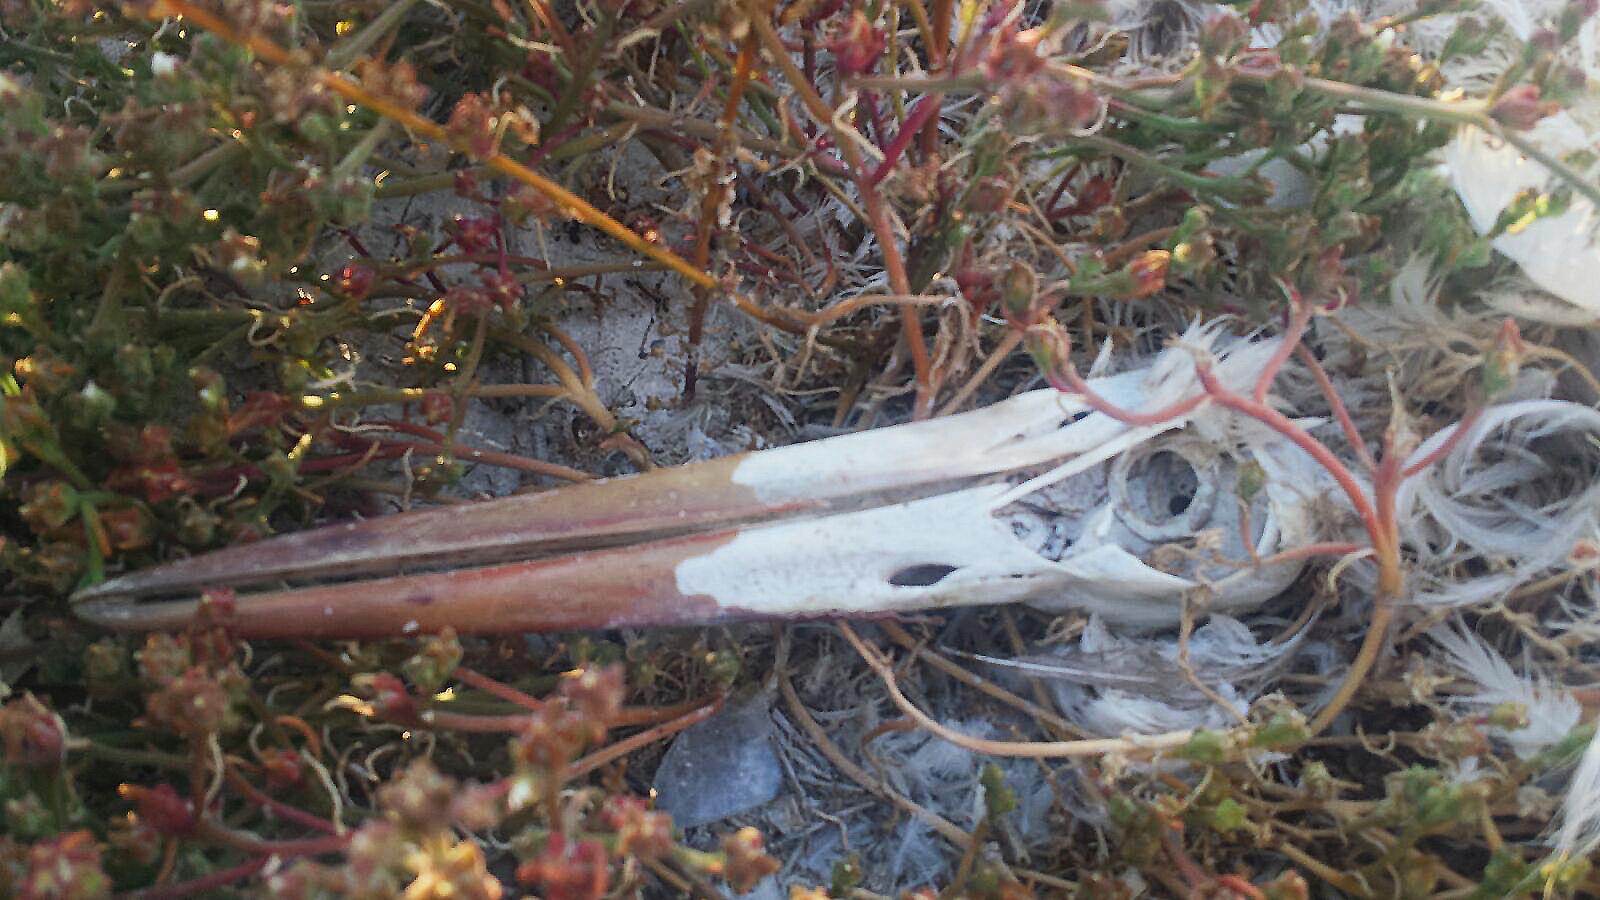 Detalle del pico de la cigüeña blanca. Imagen: José Luis López Nieto